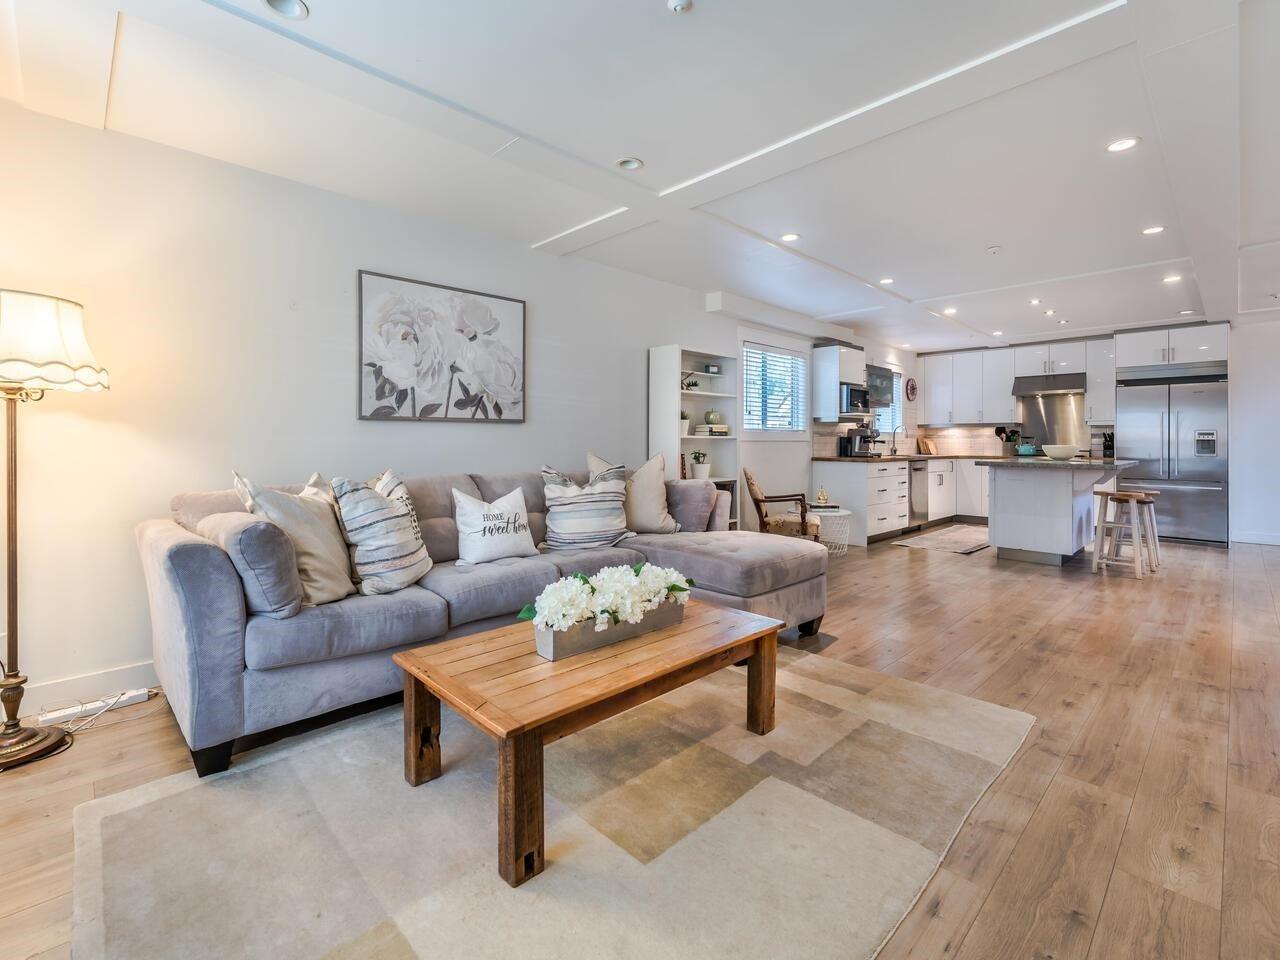 1231 E 11TH AVENUE - Mount Pleasant VE 1/2 Duplex for sale, 3 Bedrooms (R2625828) - #13